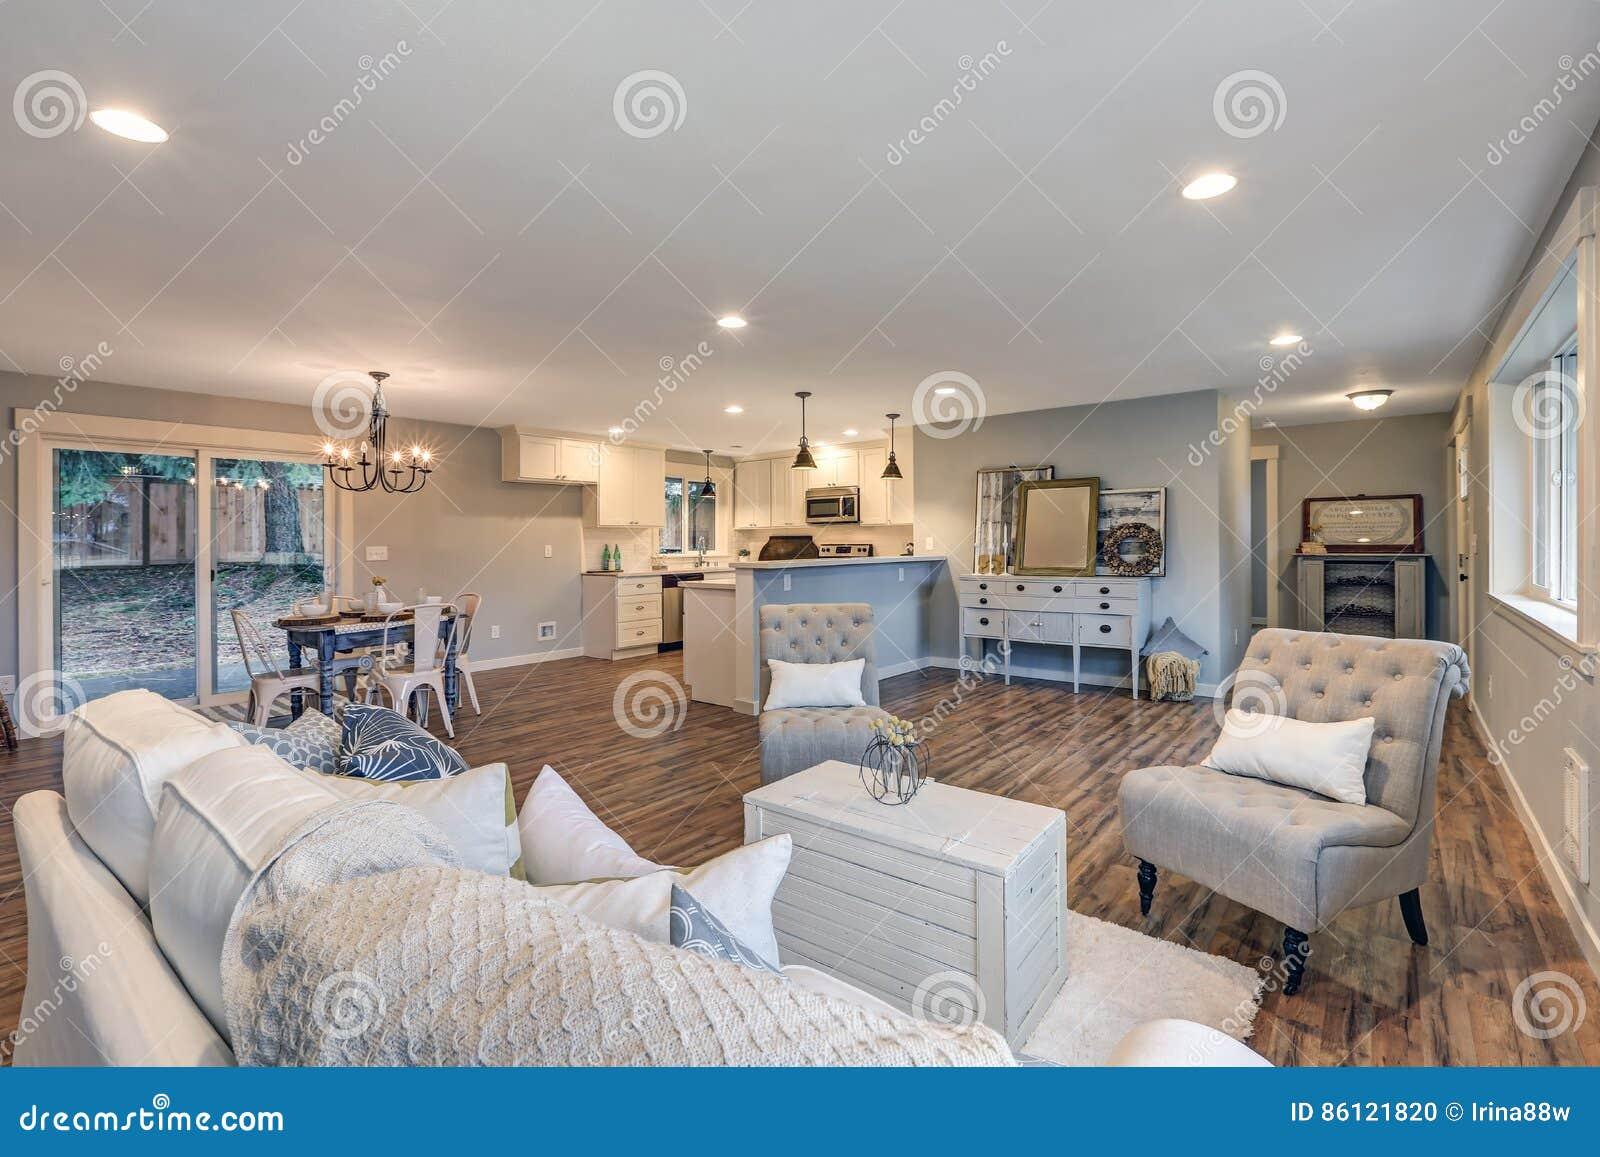 Lichte Luchtige Woonkamer : Luchtige licht gevulde woonkamer in zachte blauwe en grijze